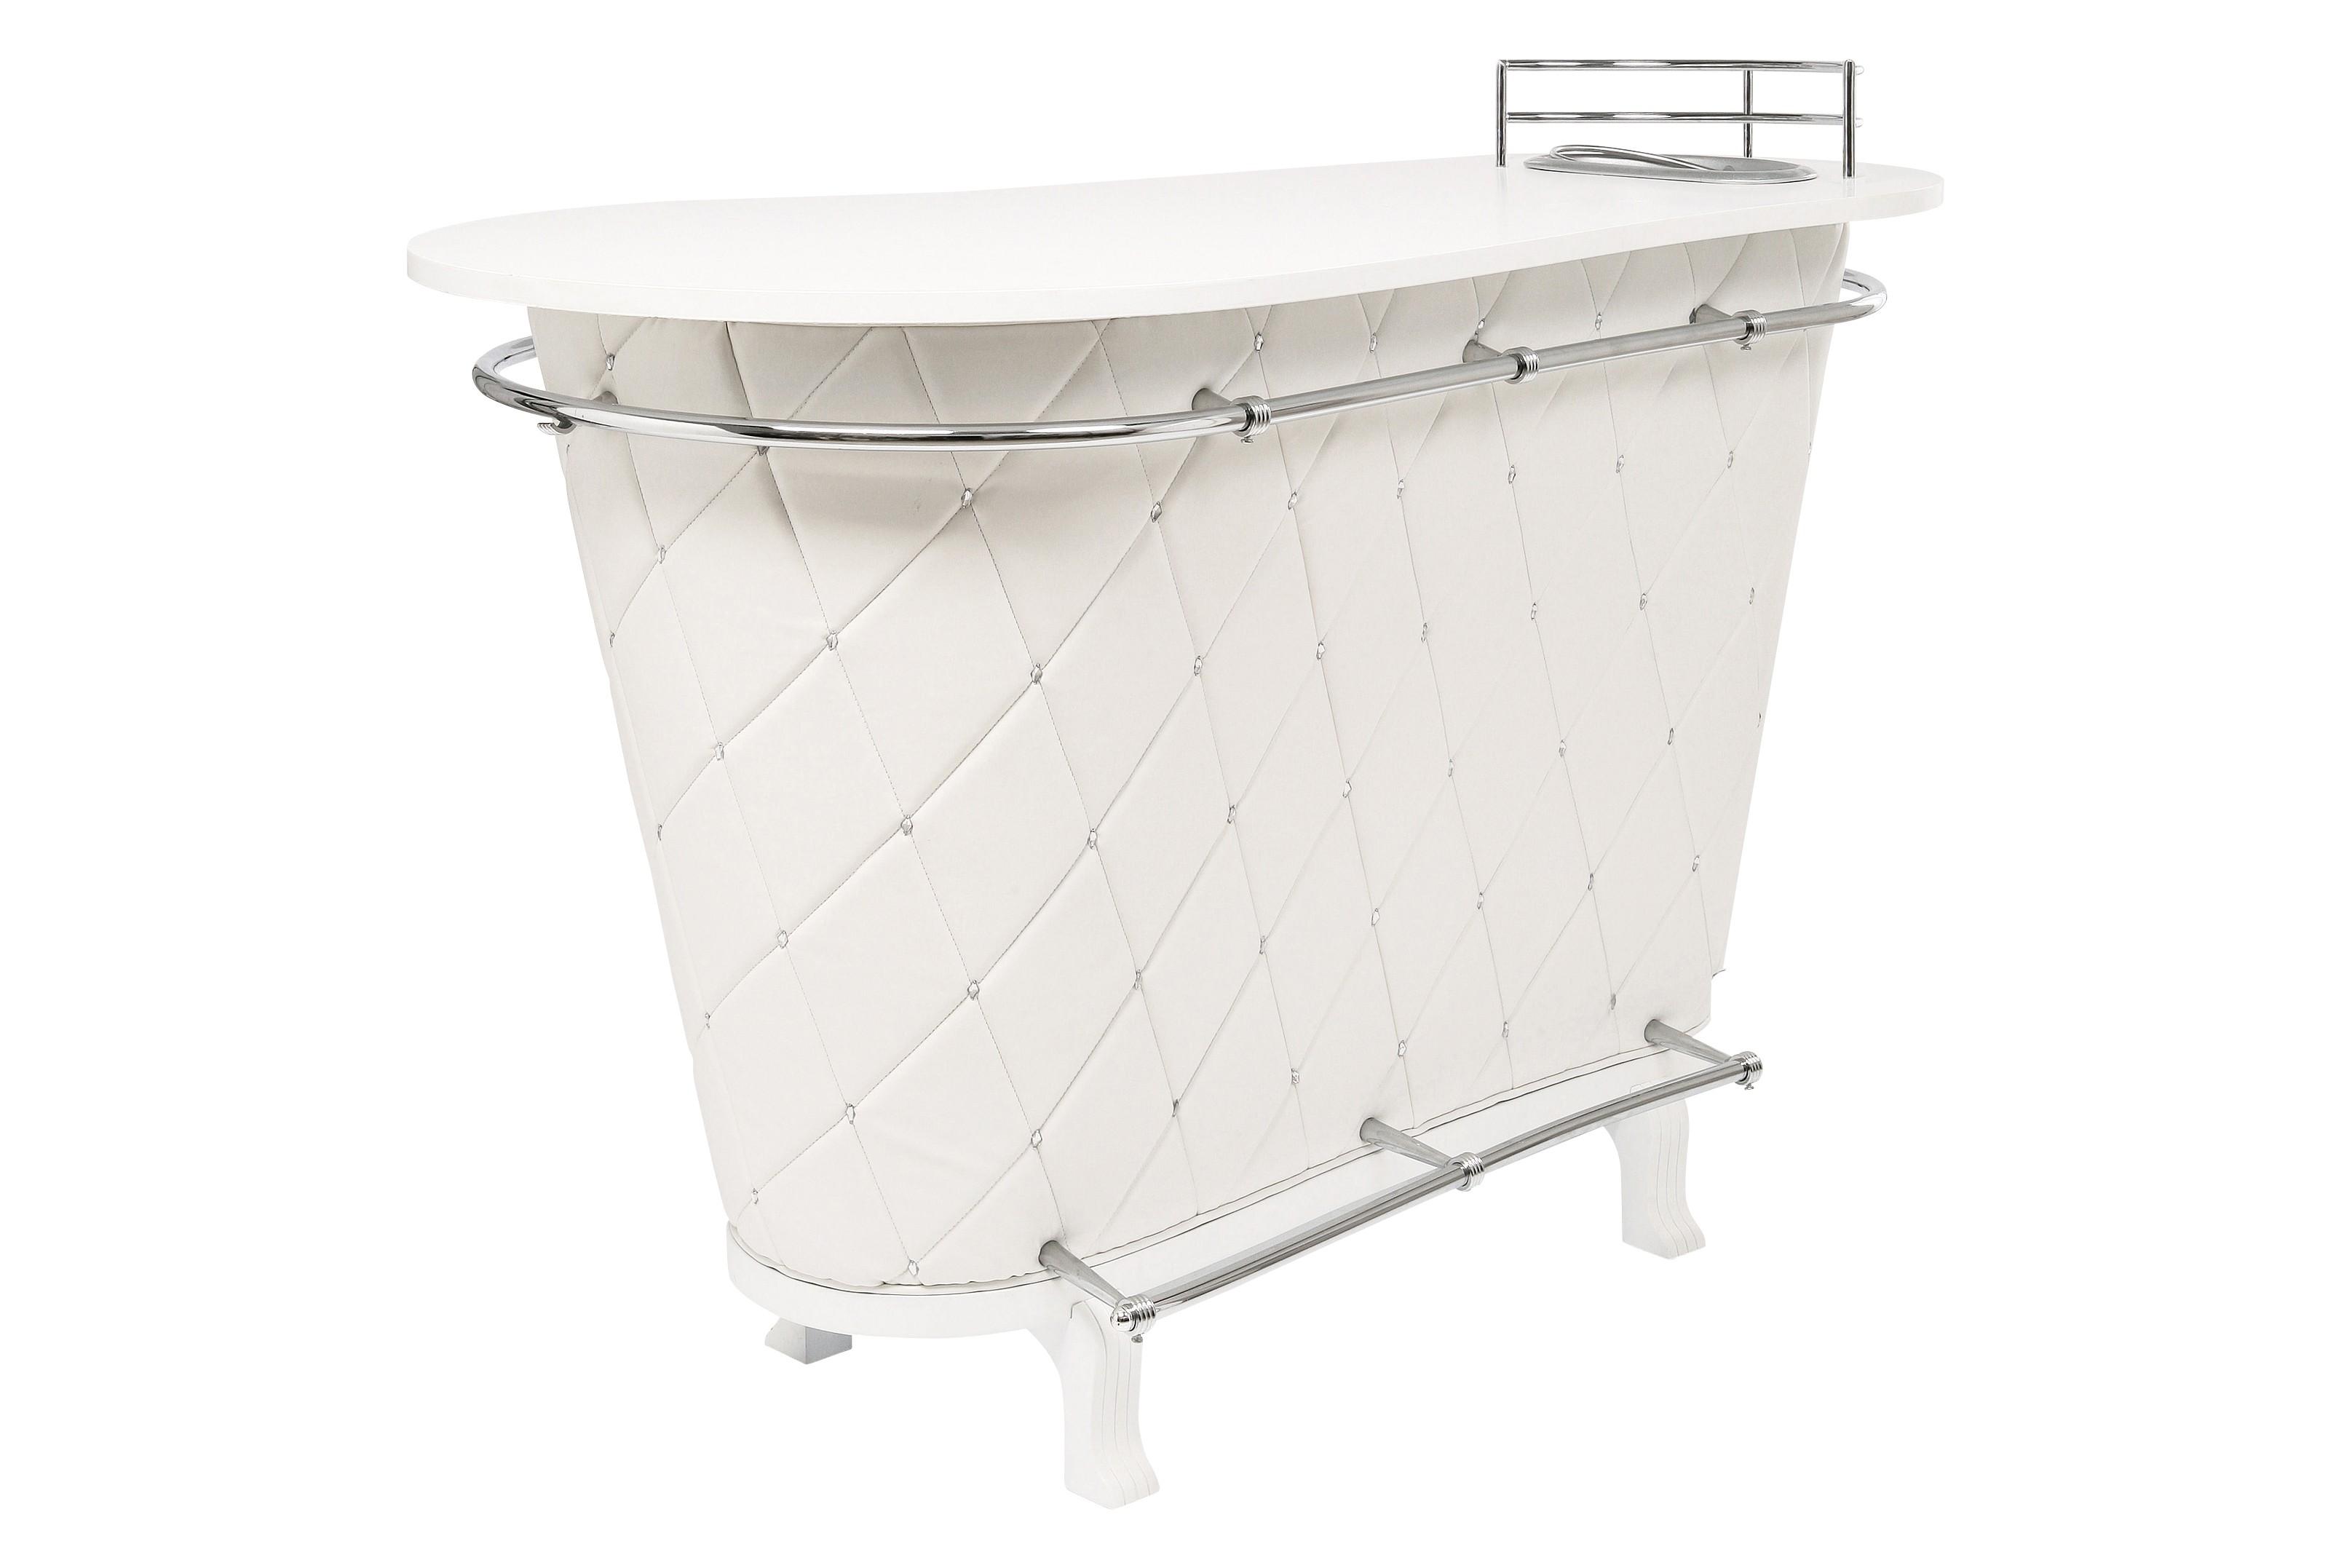 spiegel rund holz metall holz spiegel rund spiegel. Black Bedroom Furniture Sets. Home Design Ideas